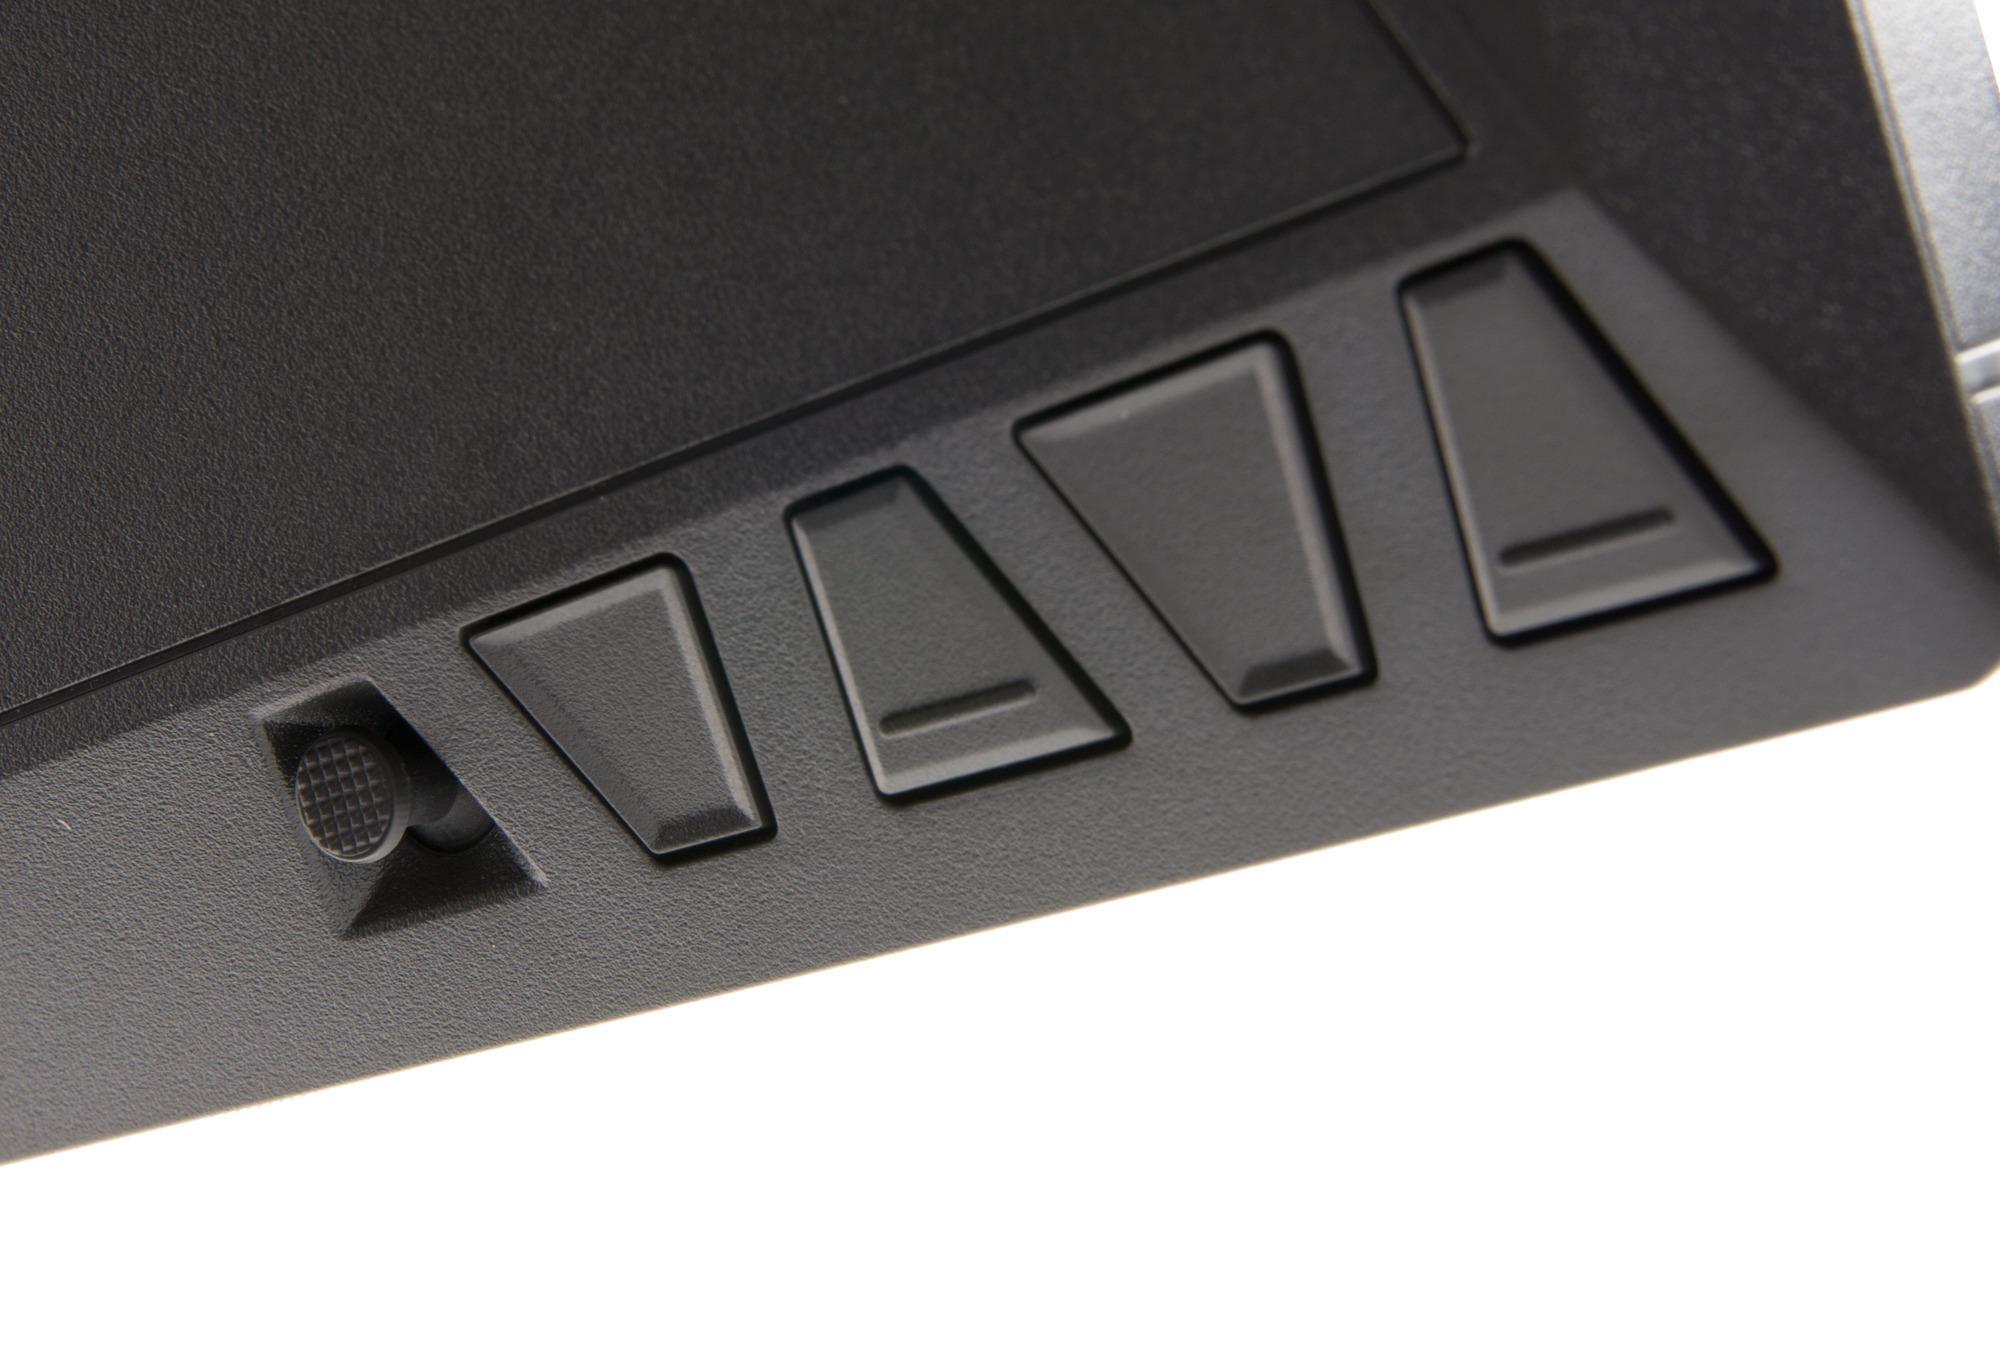 Fire knapper og en joystick brukes for å navigere i skjermmenyen.